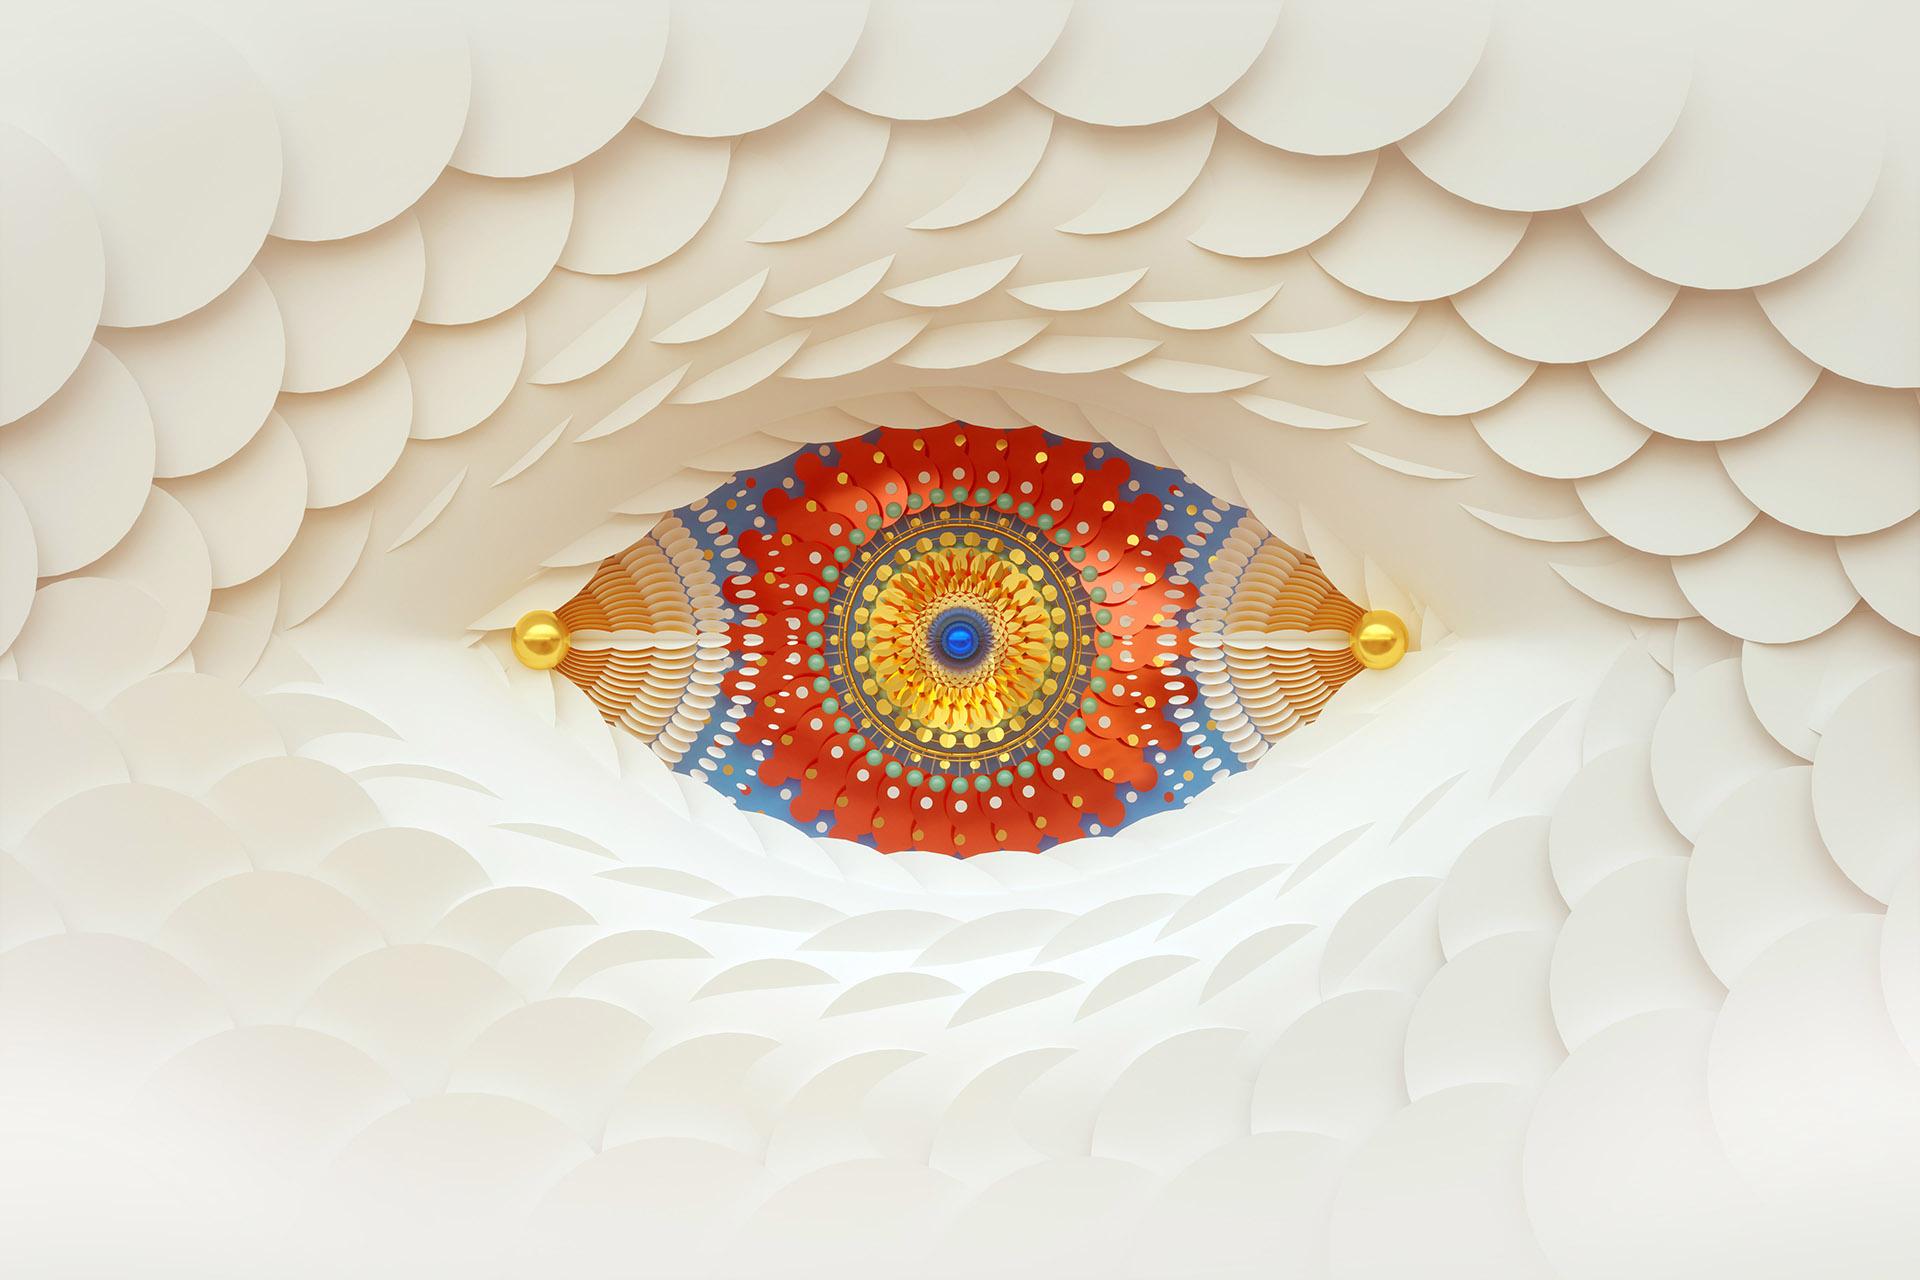 Digital Art,Illustration,Pattern Design